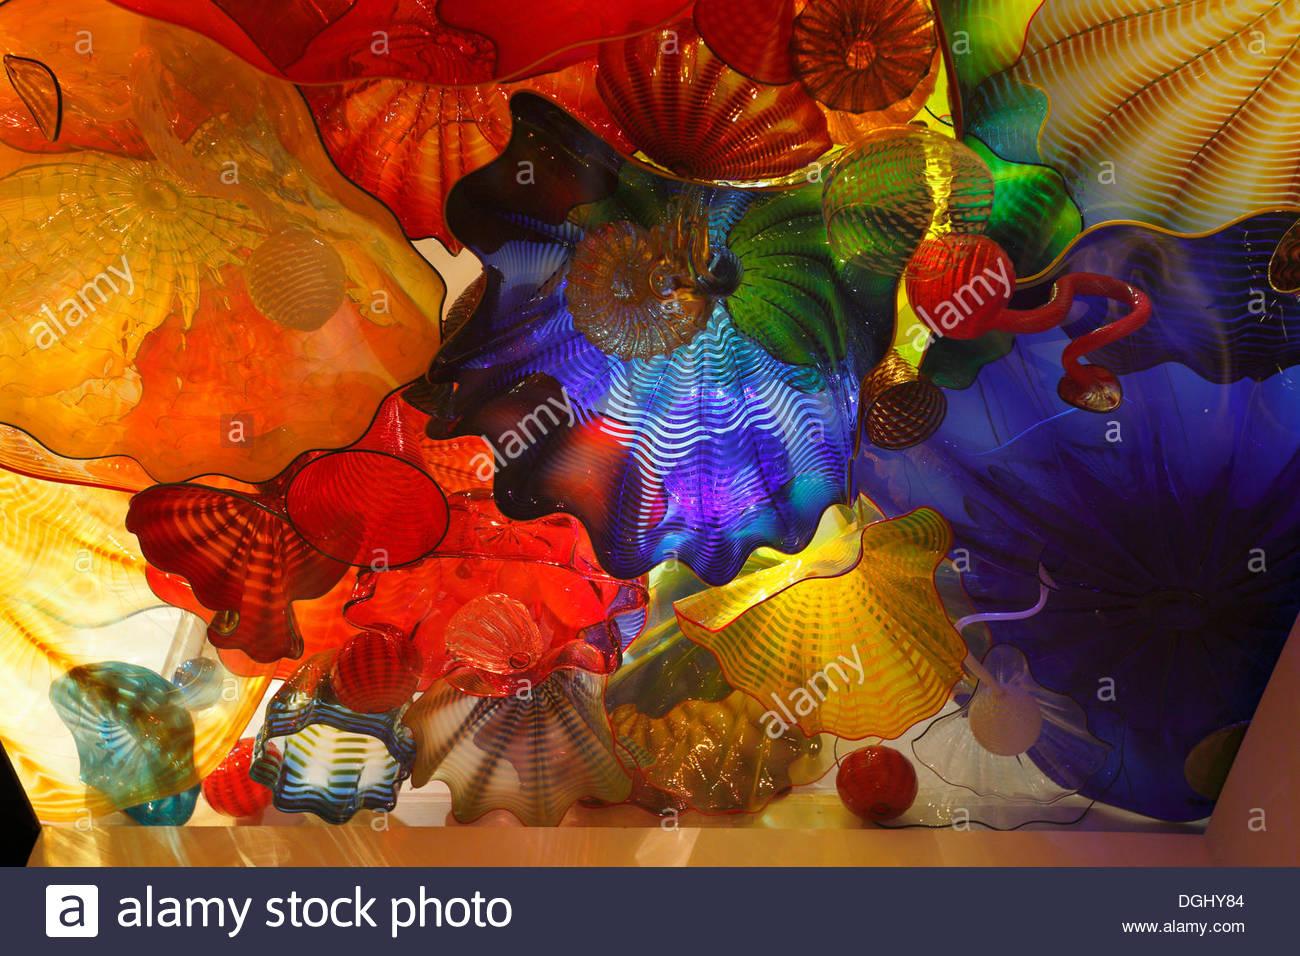 Mostra di vetro colorato di Dale Chihuly, Montreal Museo di Belle Arti, Montréal, Provincia di Quebec, Canada Immagini Stock